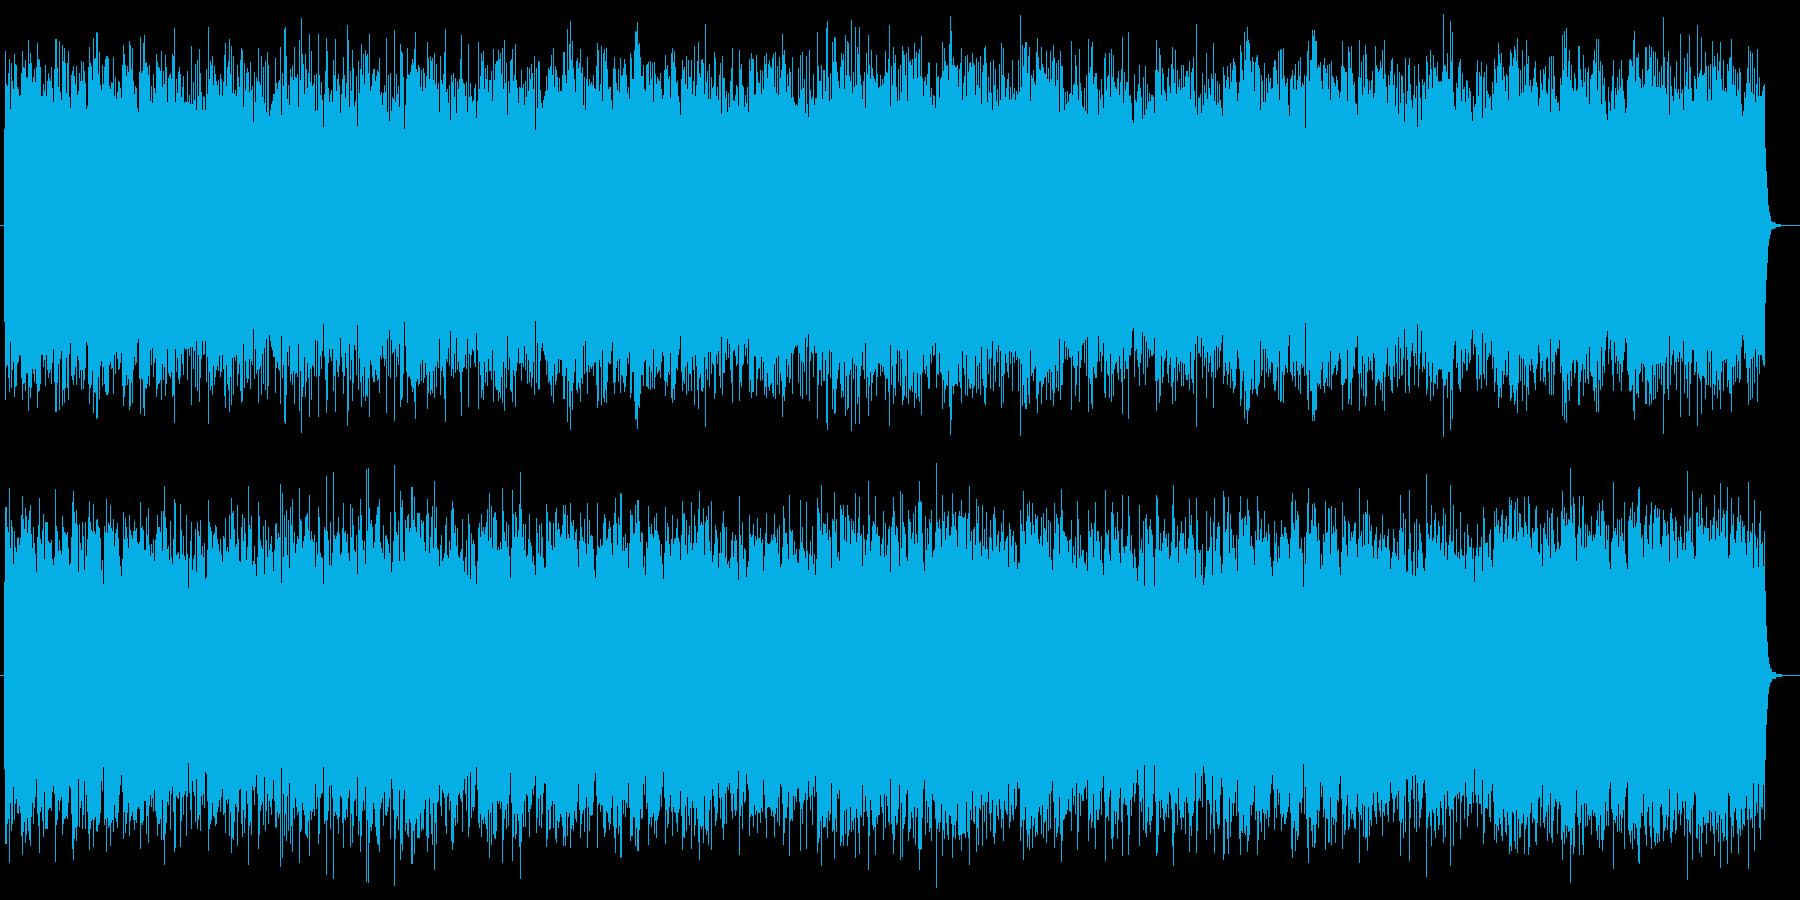 ワイルドでヘビーなシンセとエレキサウンドの再生済みの波形